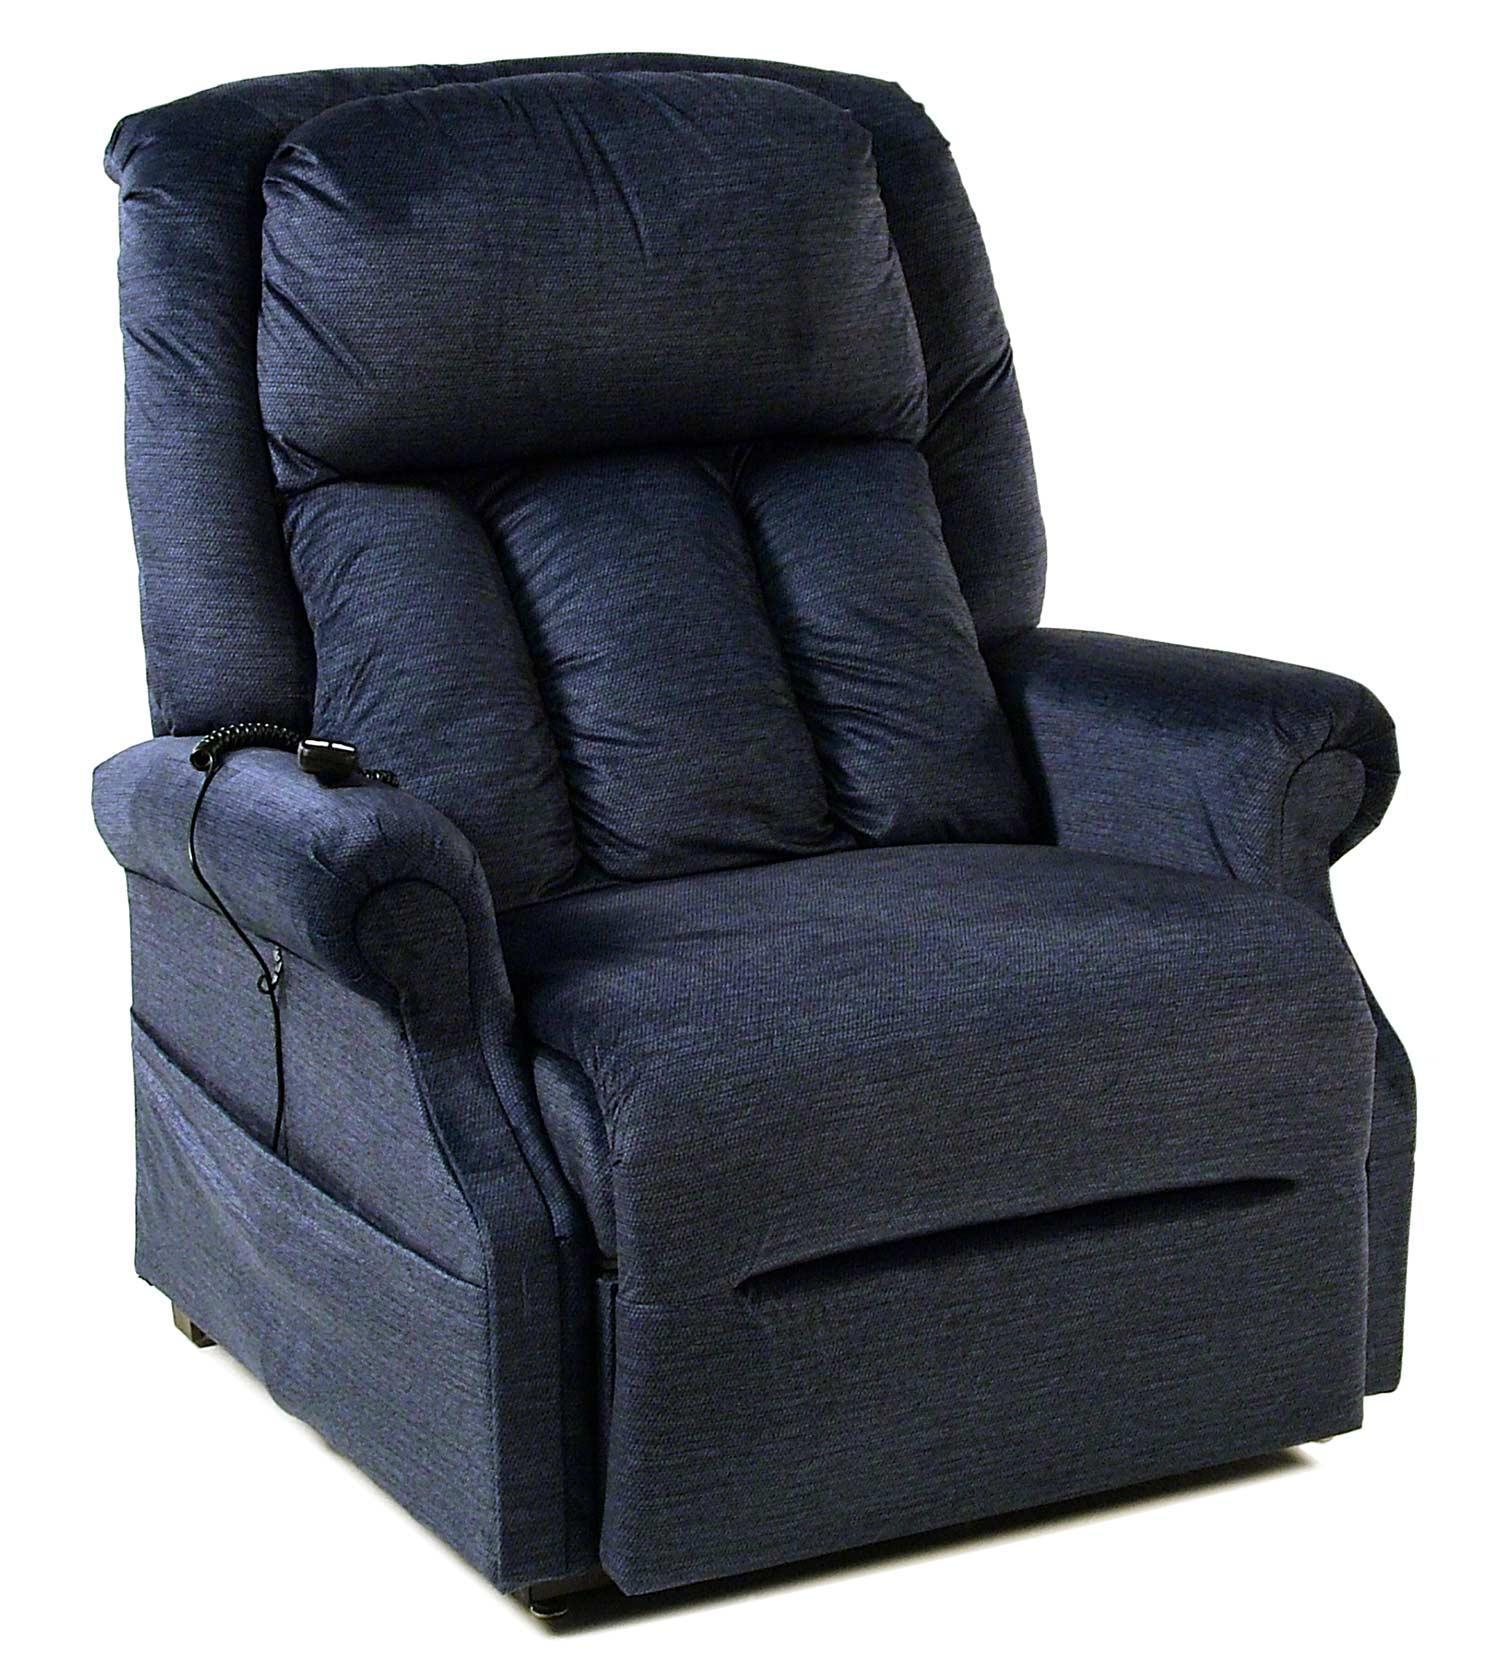 Power Reclining / Lift Chair